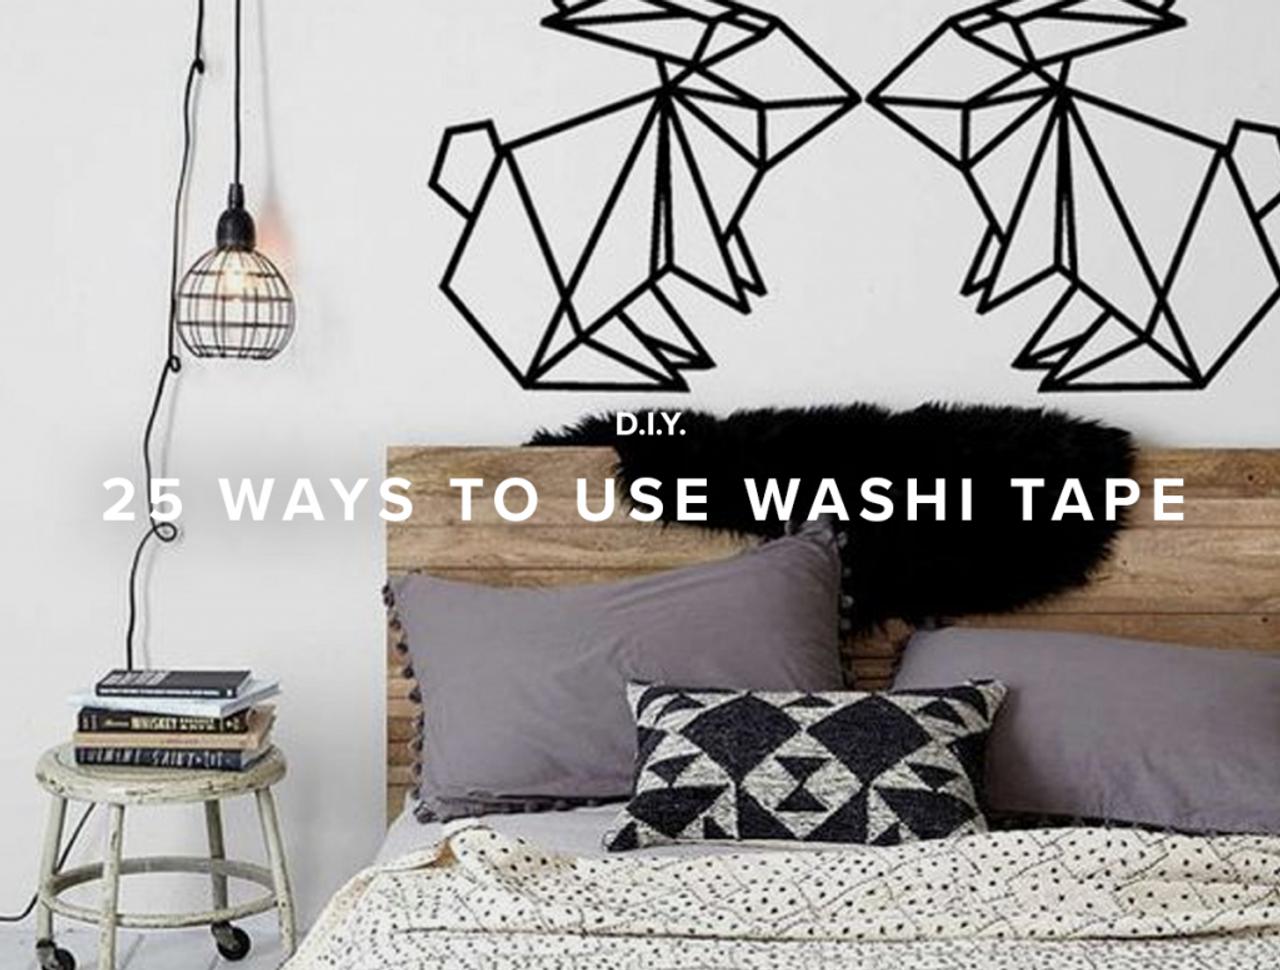 25 Ways to use Washi Tape